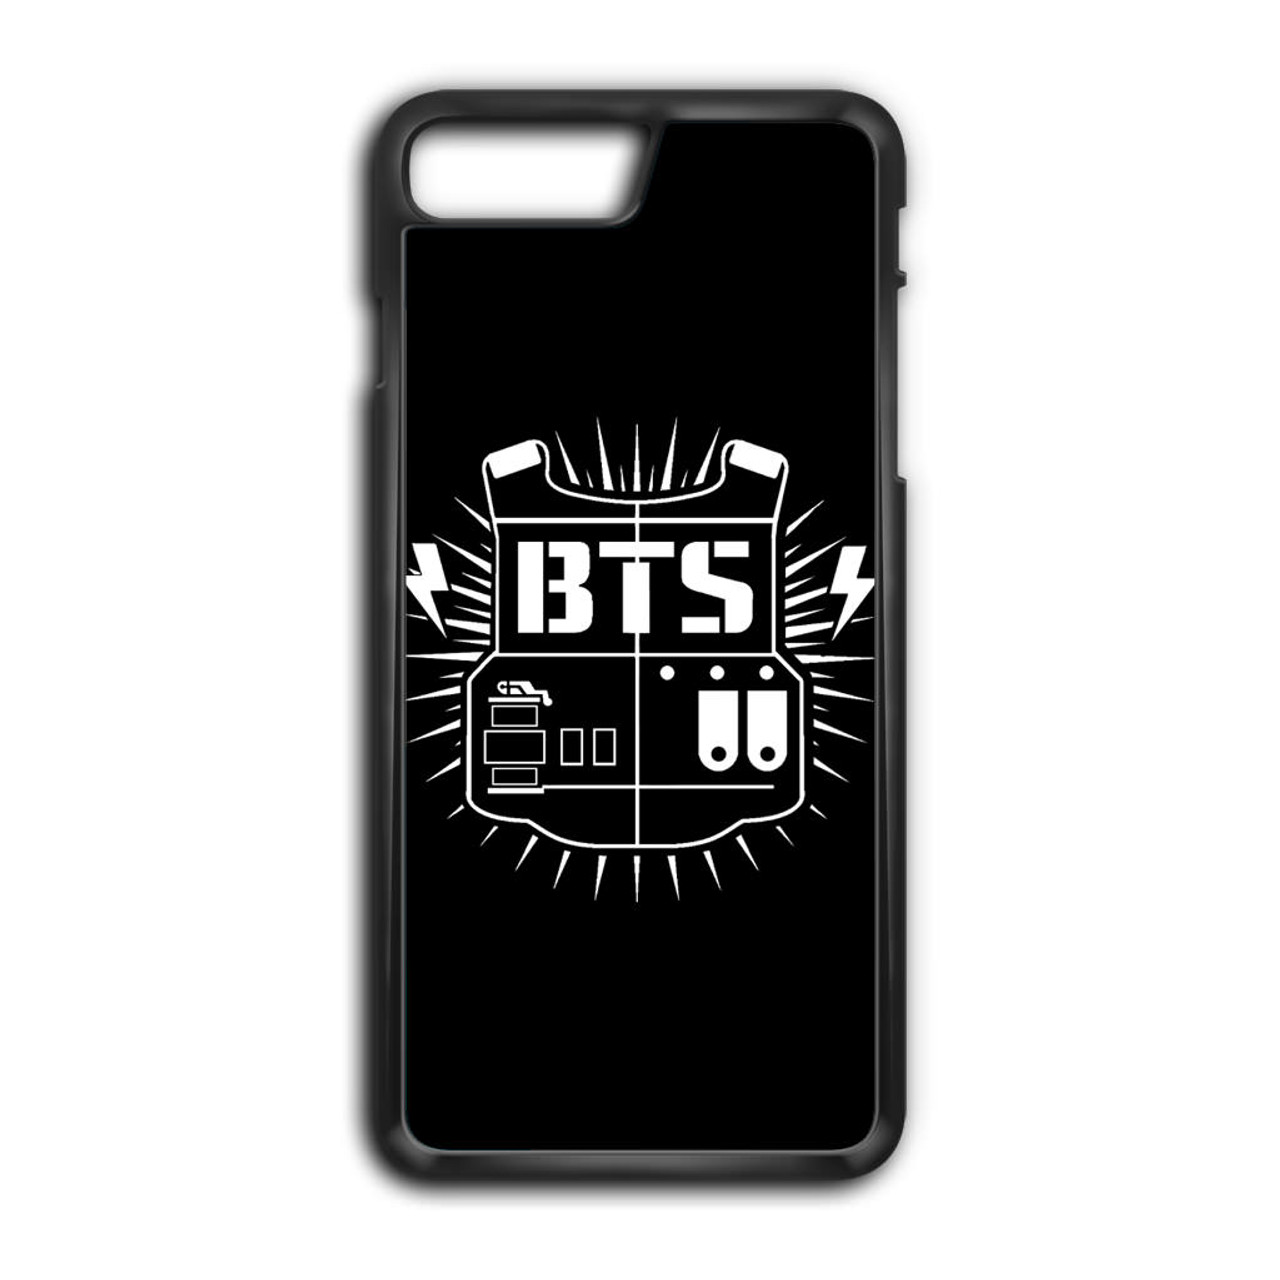 bts case iphone 7